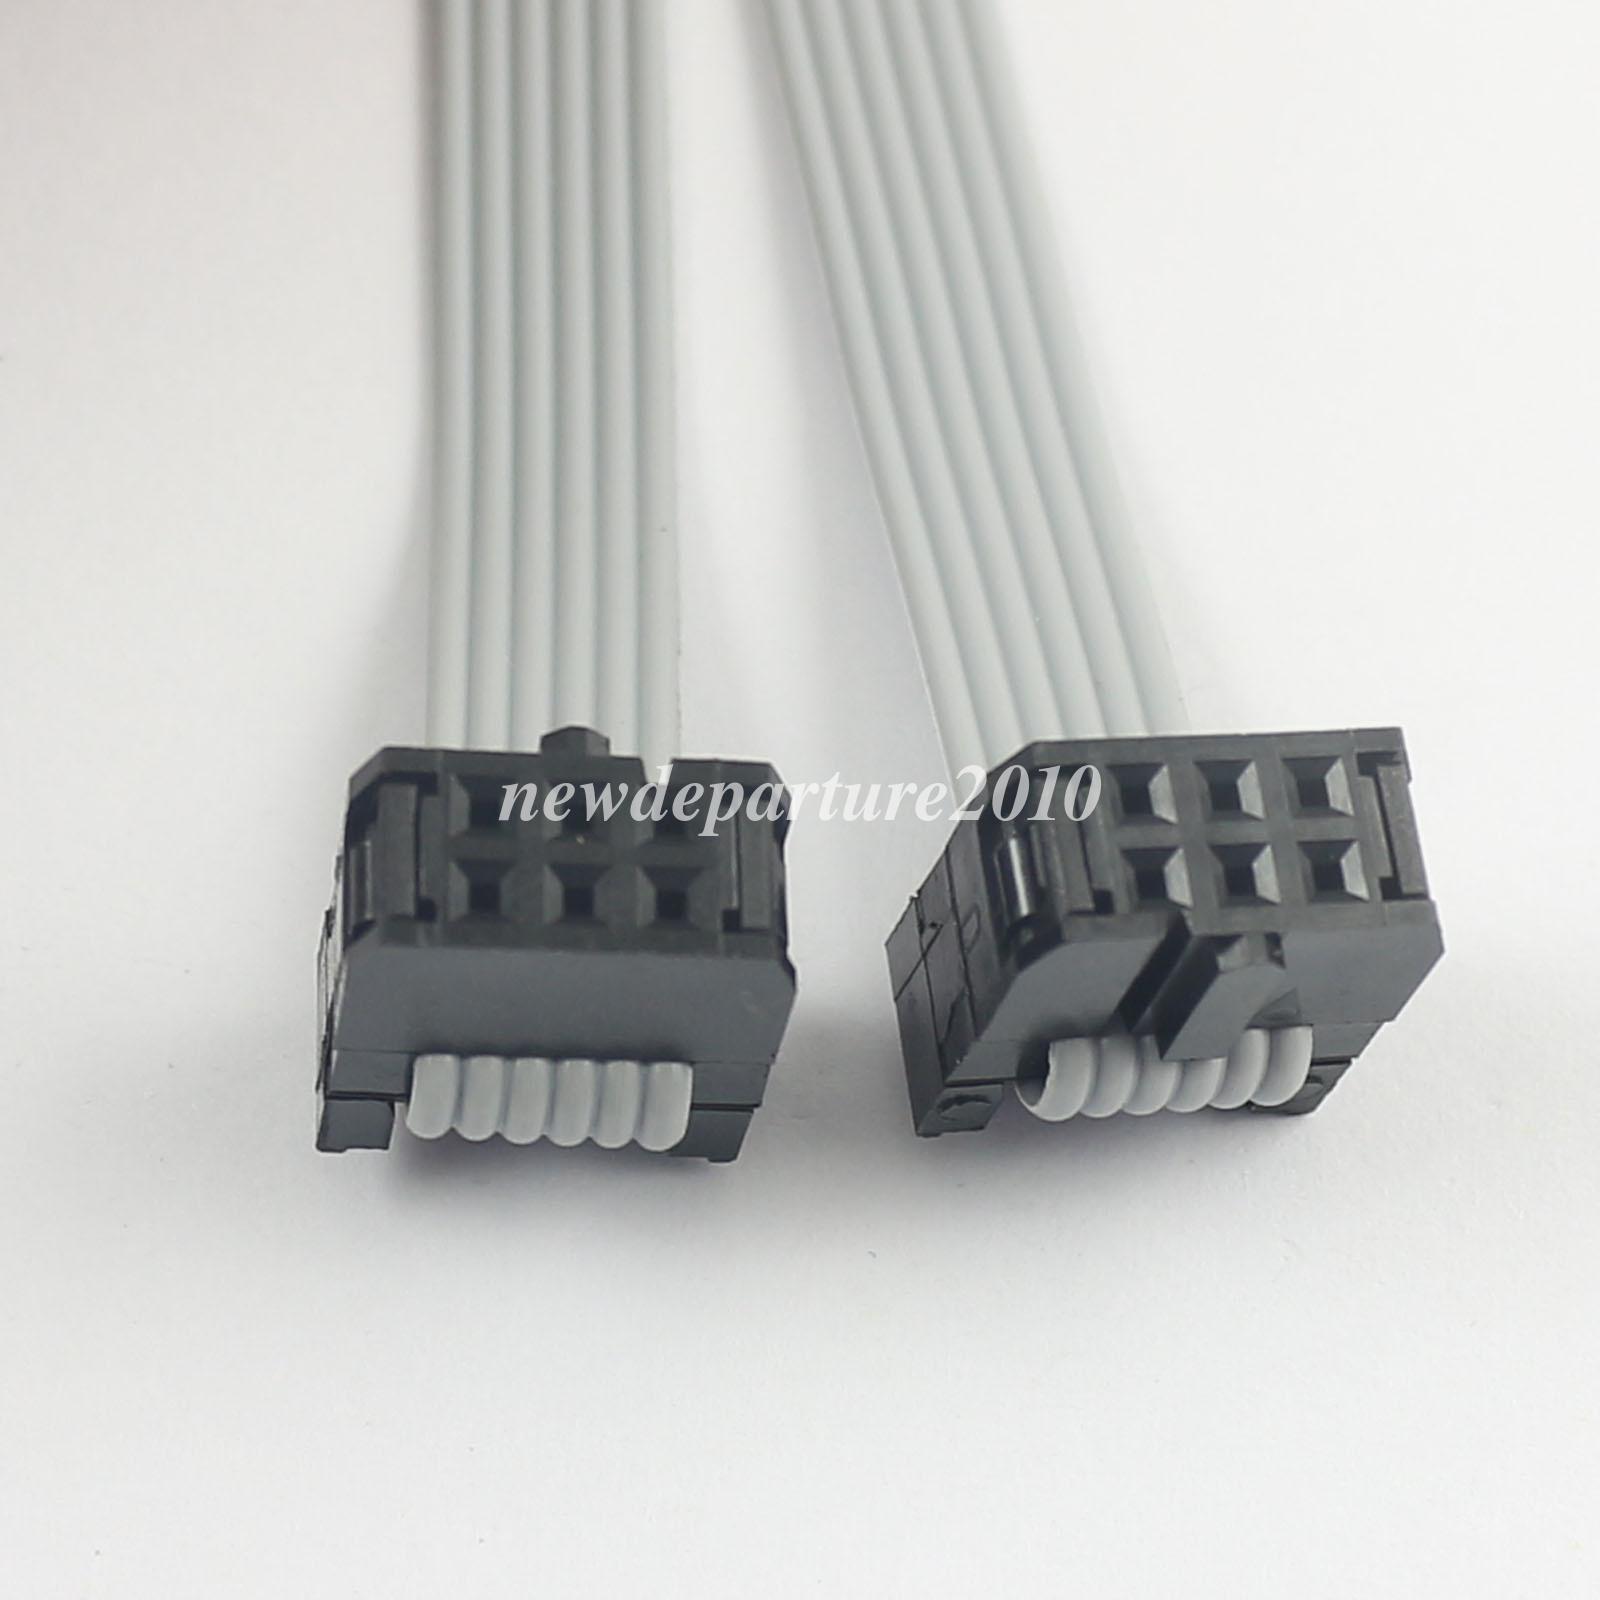 200Pcs 2.54mm Pitch 2x3 Pin 6 Pin 6 Wire IDC Flat Ribbon Cable ...